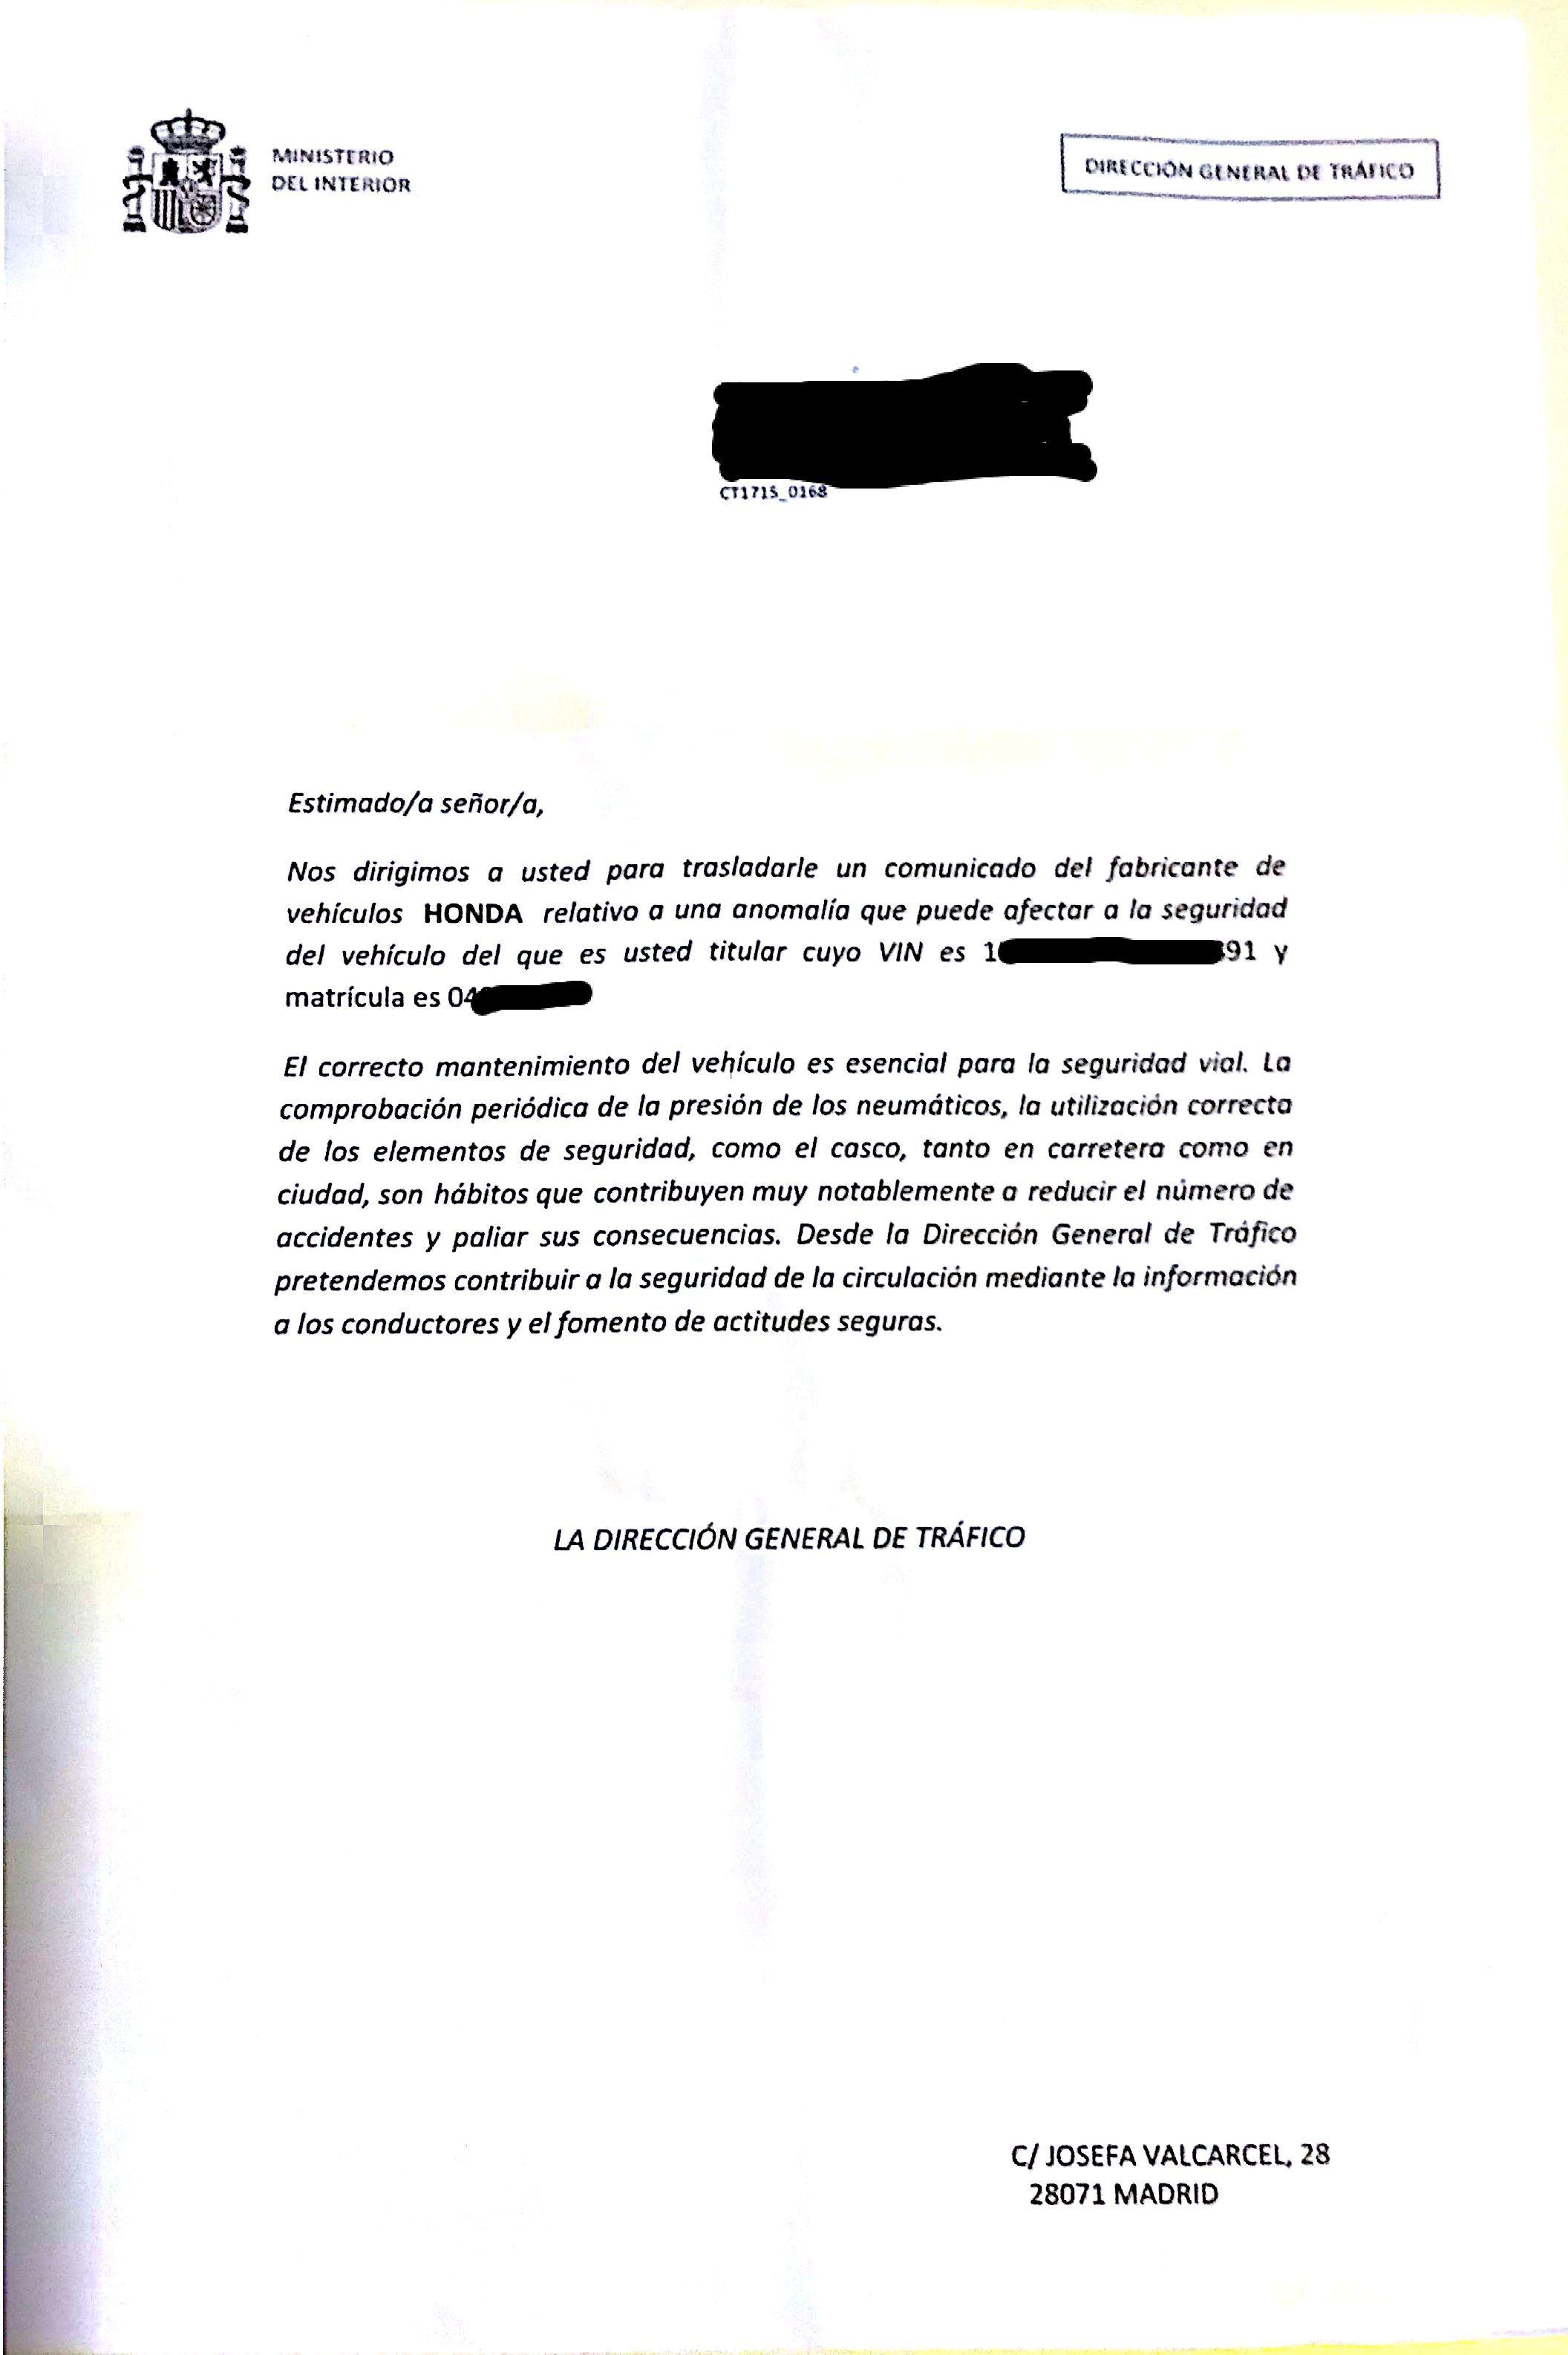 Carta_Ministerio_del_Interior